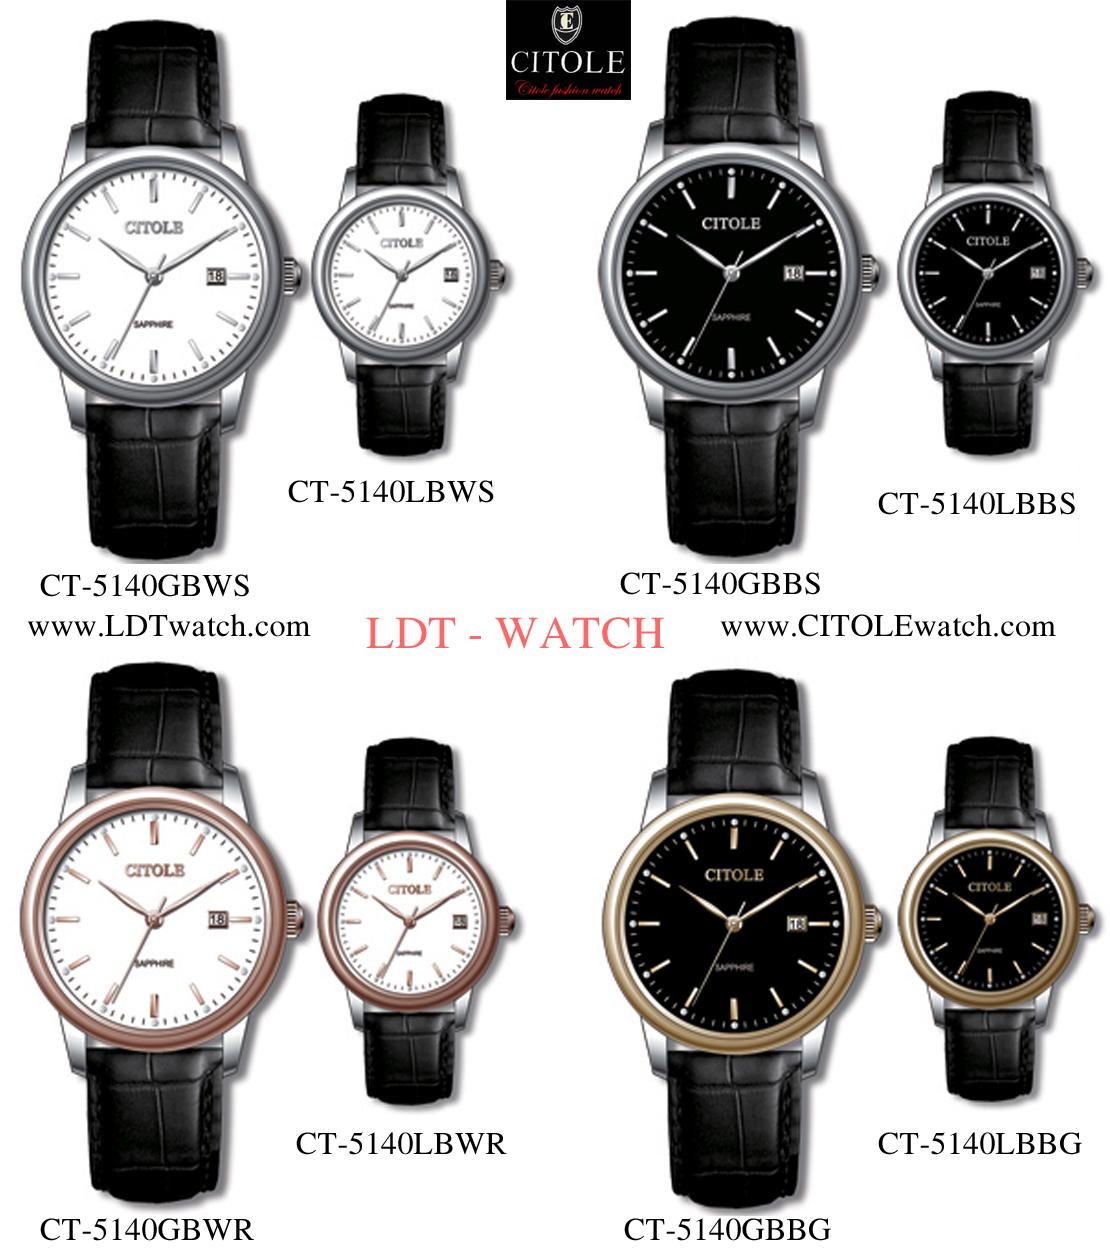 Đồng hồ nam dây da Citole CT5140GBWR (dây đen mặt trắng viền nâu)